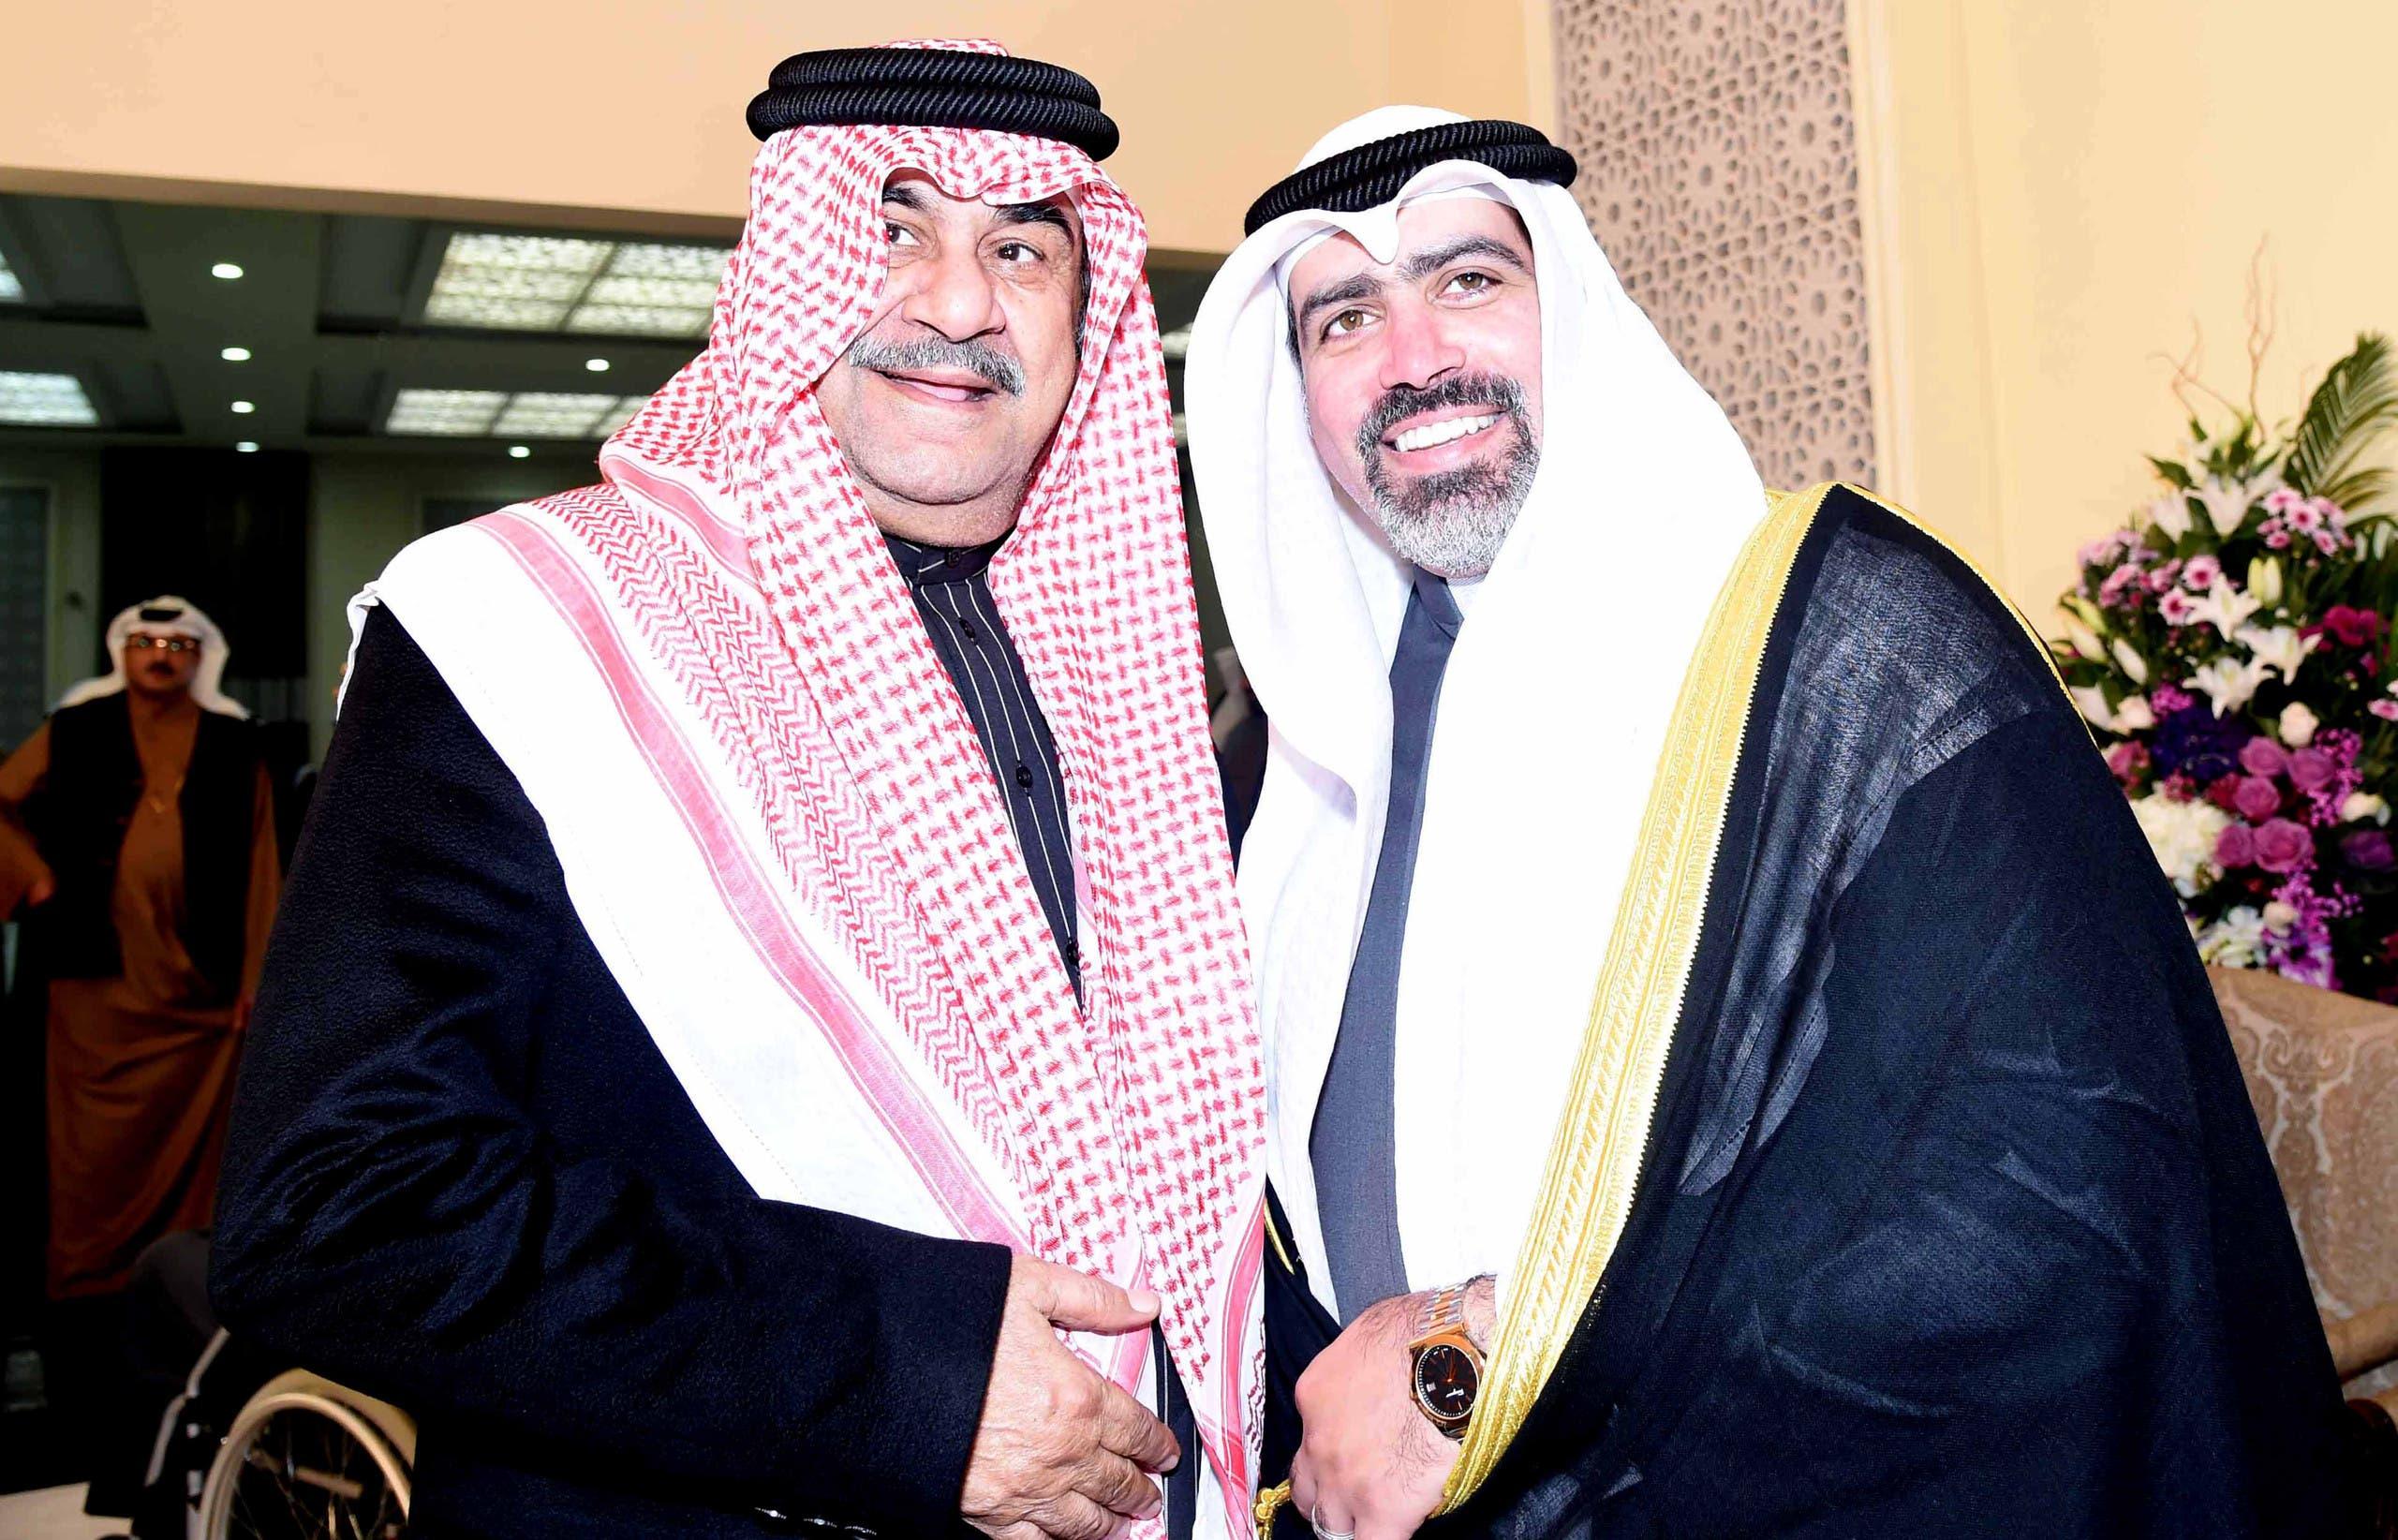 النجم القدير عبدالحسين عبدالرضا مهنئا